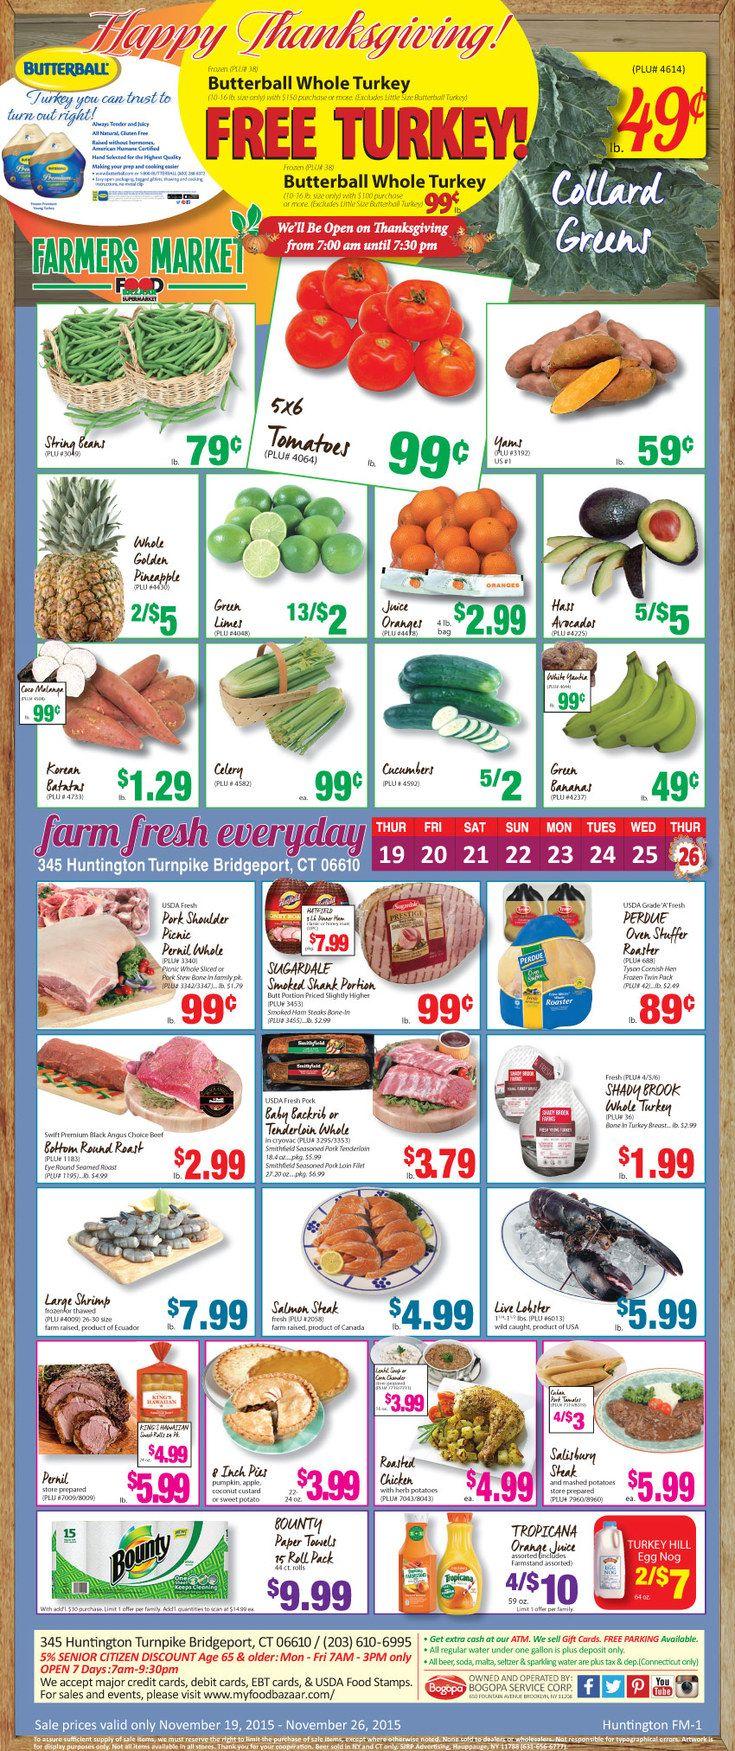 Food bazaar circular november 12 18 2015 weekly ads